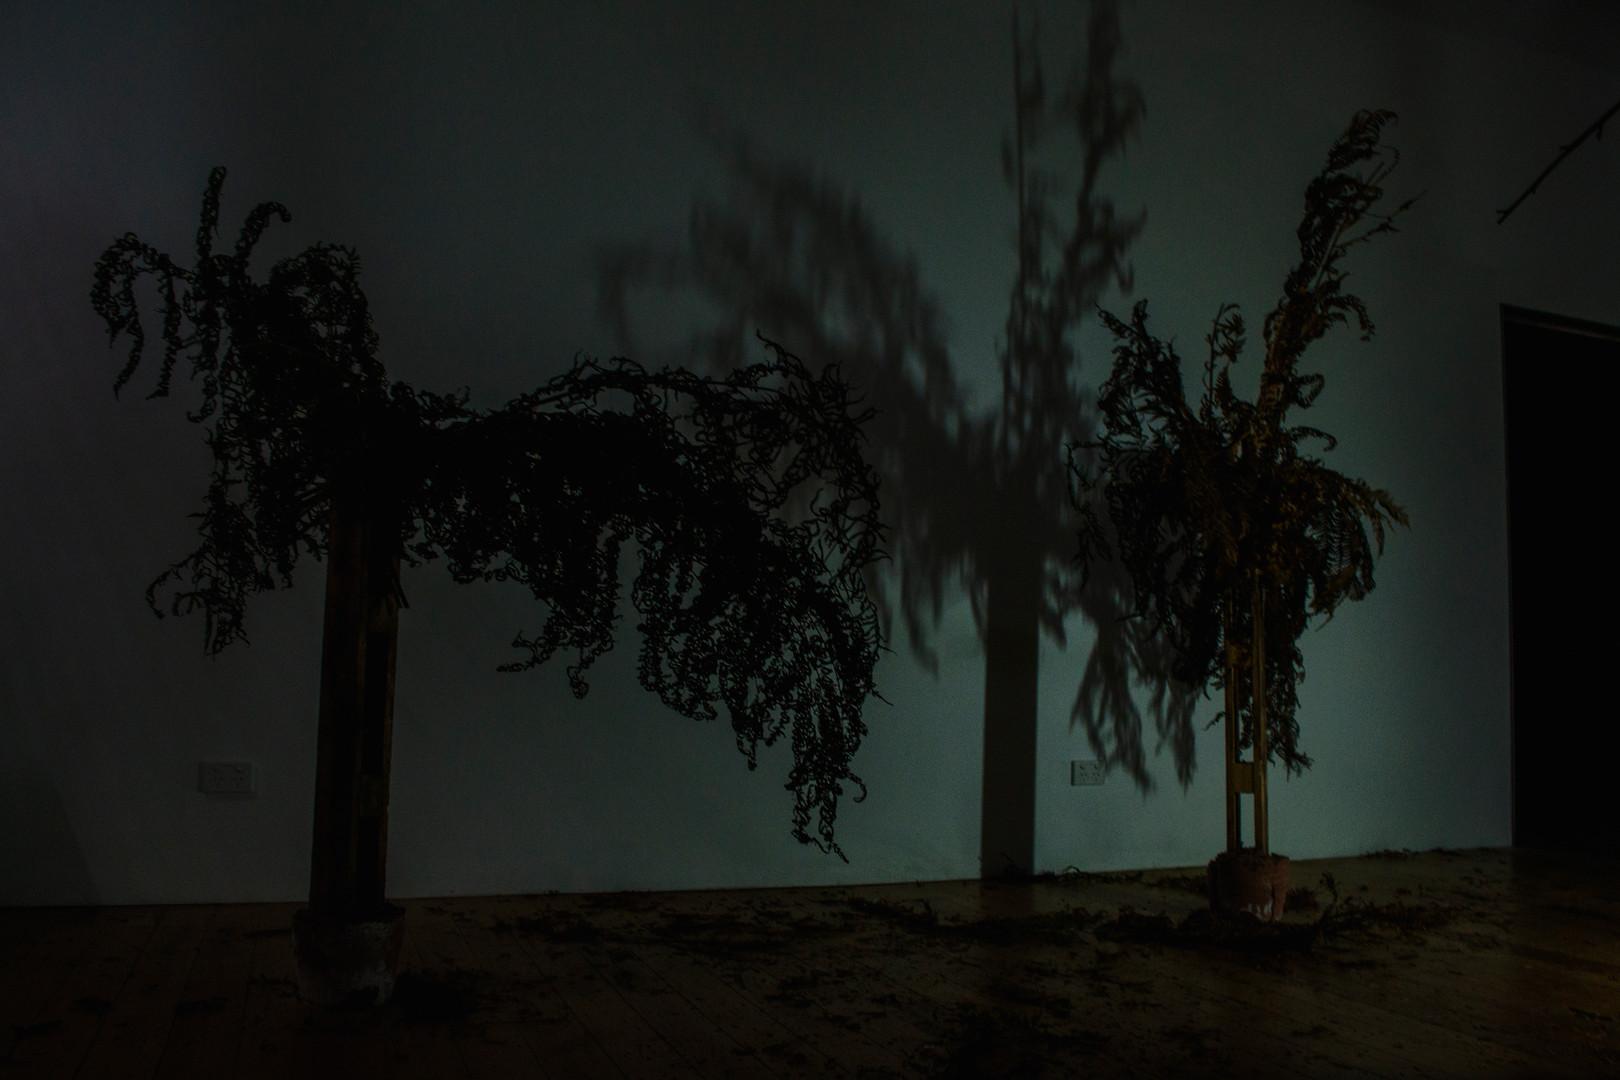 Nuclear Deforestation I, 2019 (detail)